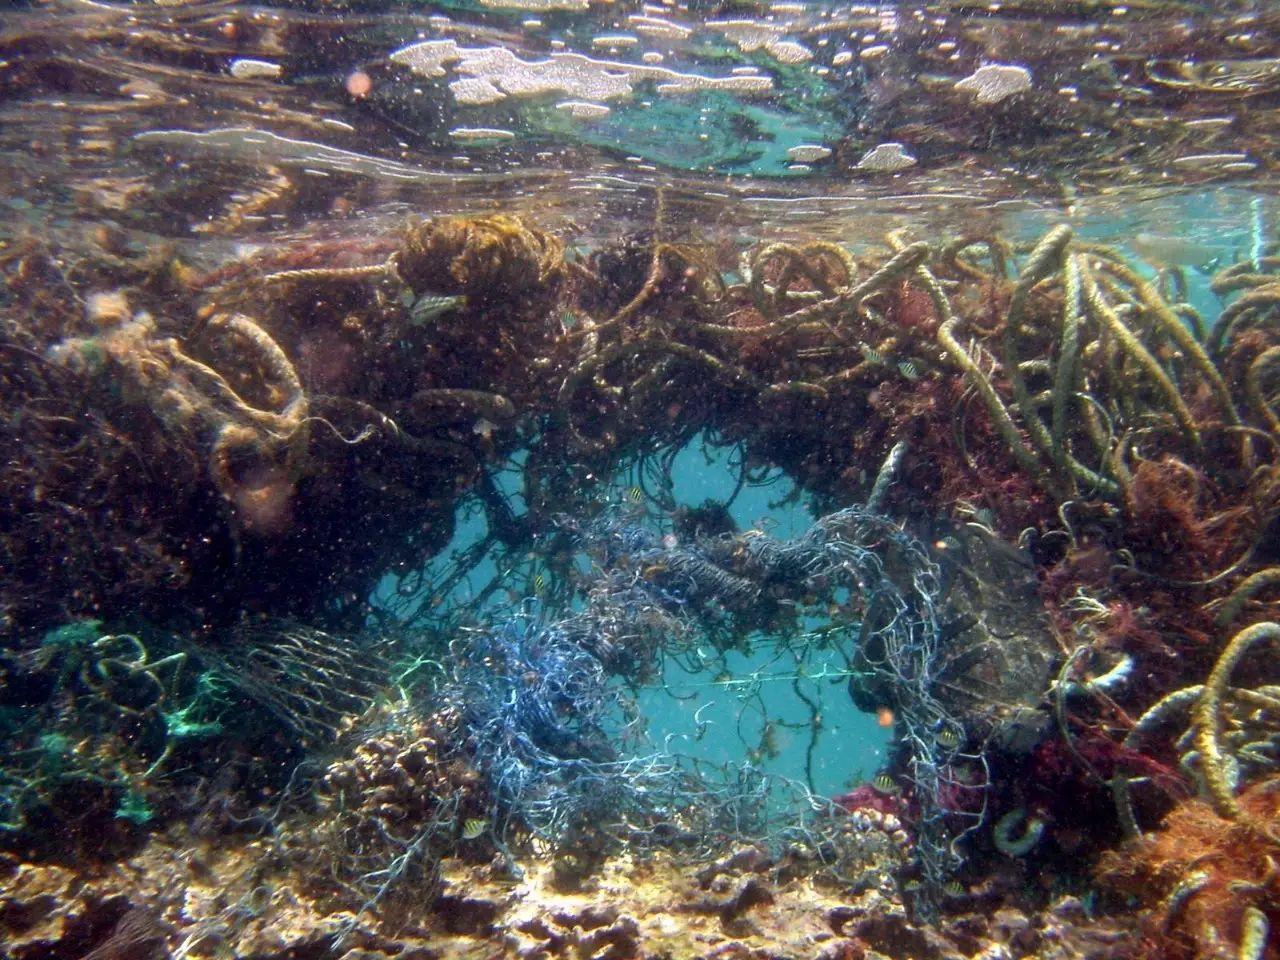 ▲无法被降解的垃圾随着洋流汇聚到一起形成了太平洋垃圾岛。图据网络